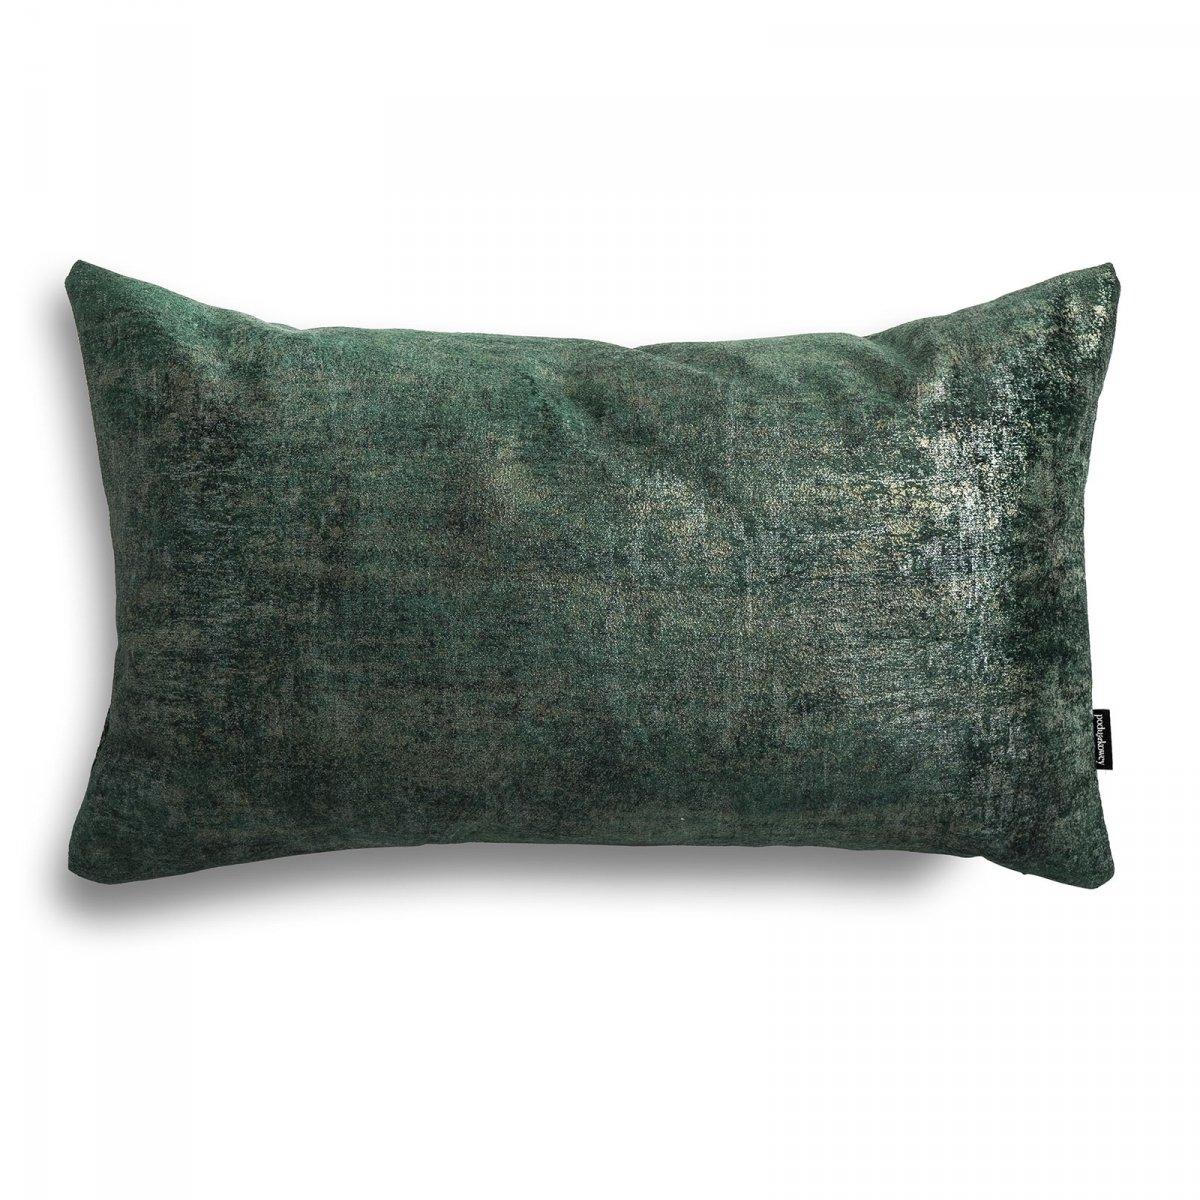 Stone zielona poduszka dekoracyjna 50x30